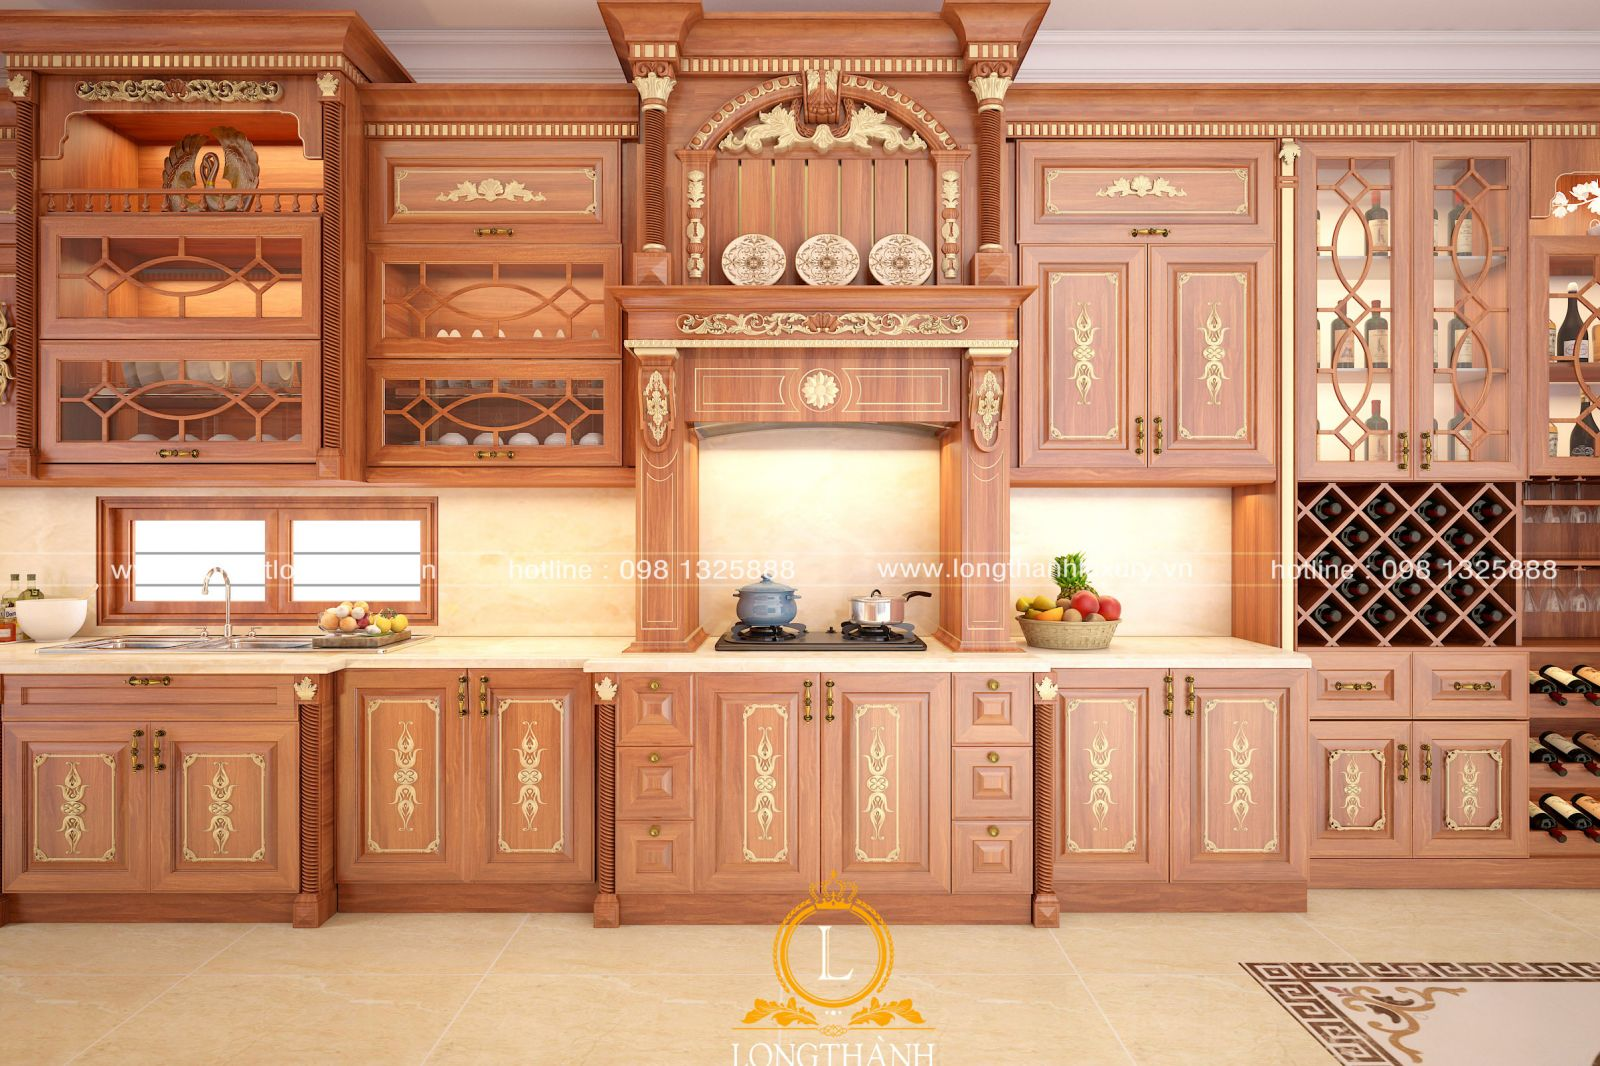 Thiết kế tủ bếp tân cổ điển chữ I làm từ chất liệu gố Gõ cao cấp